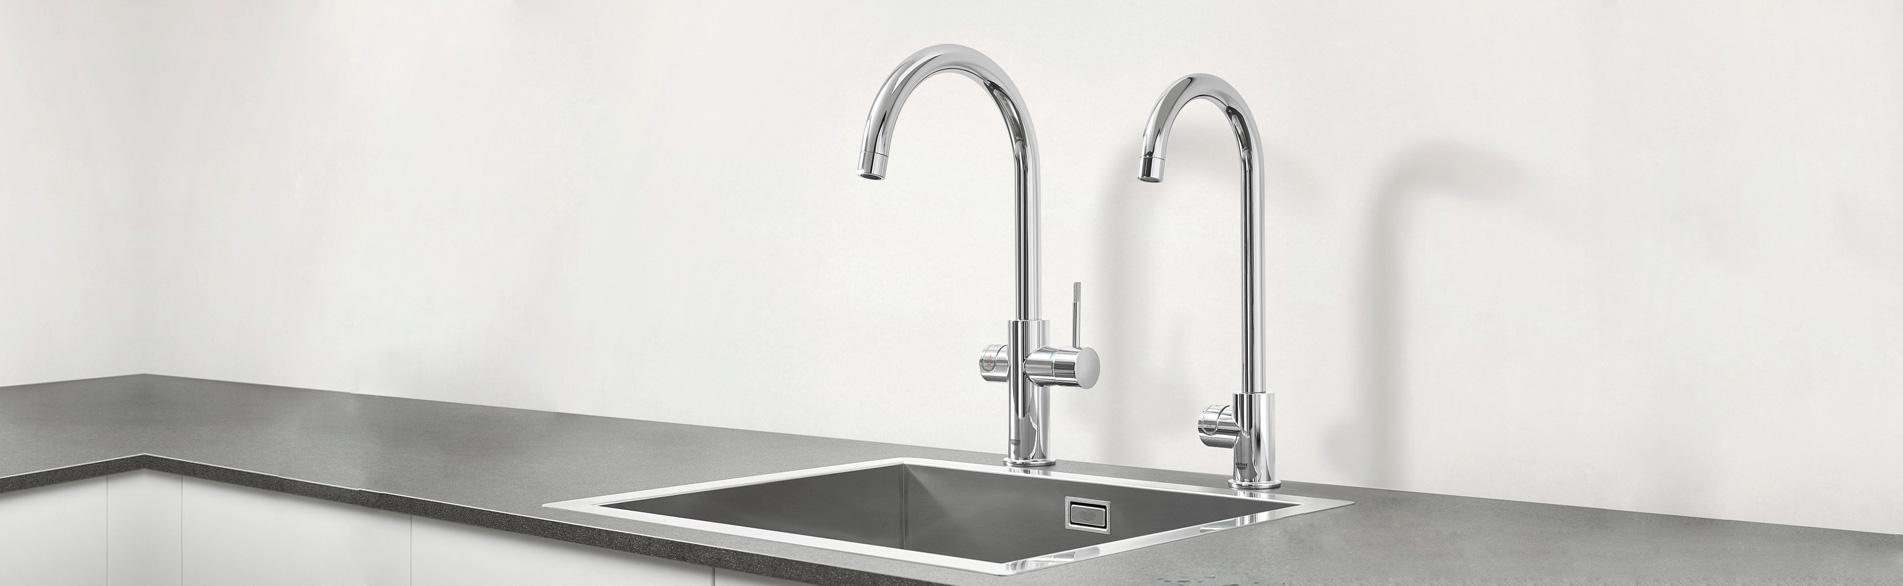 Grohe Wassersysteme kaufen